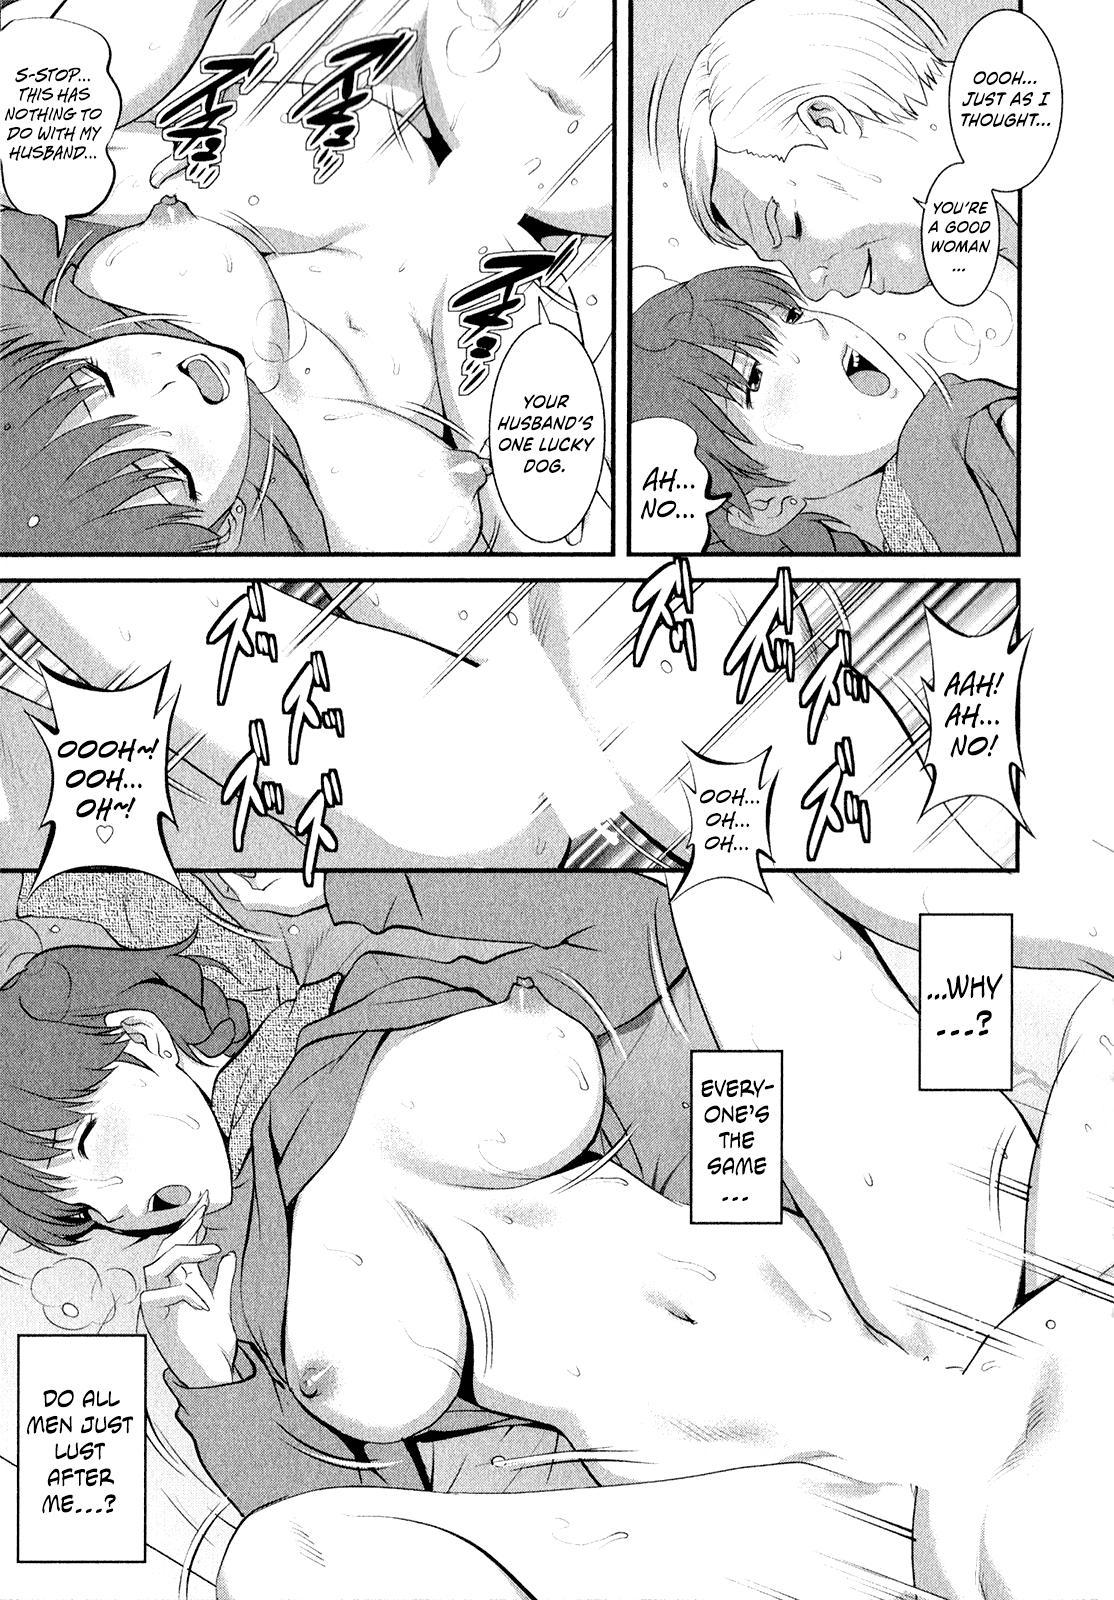 [Saigado] Hitozuma Audrey-san no Himitsu ~30-sai kara no Furyou Tsuma Kouza~ - Vol. 2 Ch. 9~12 [English] {Hennojin} 79